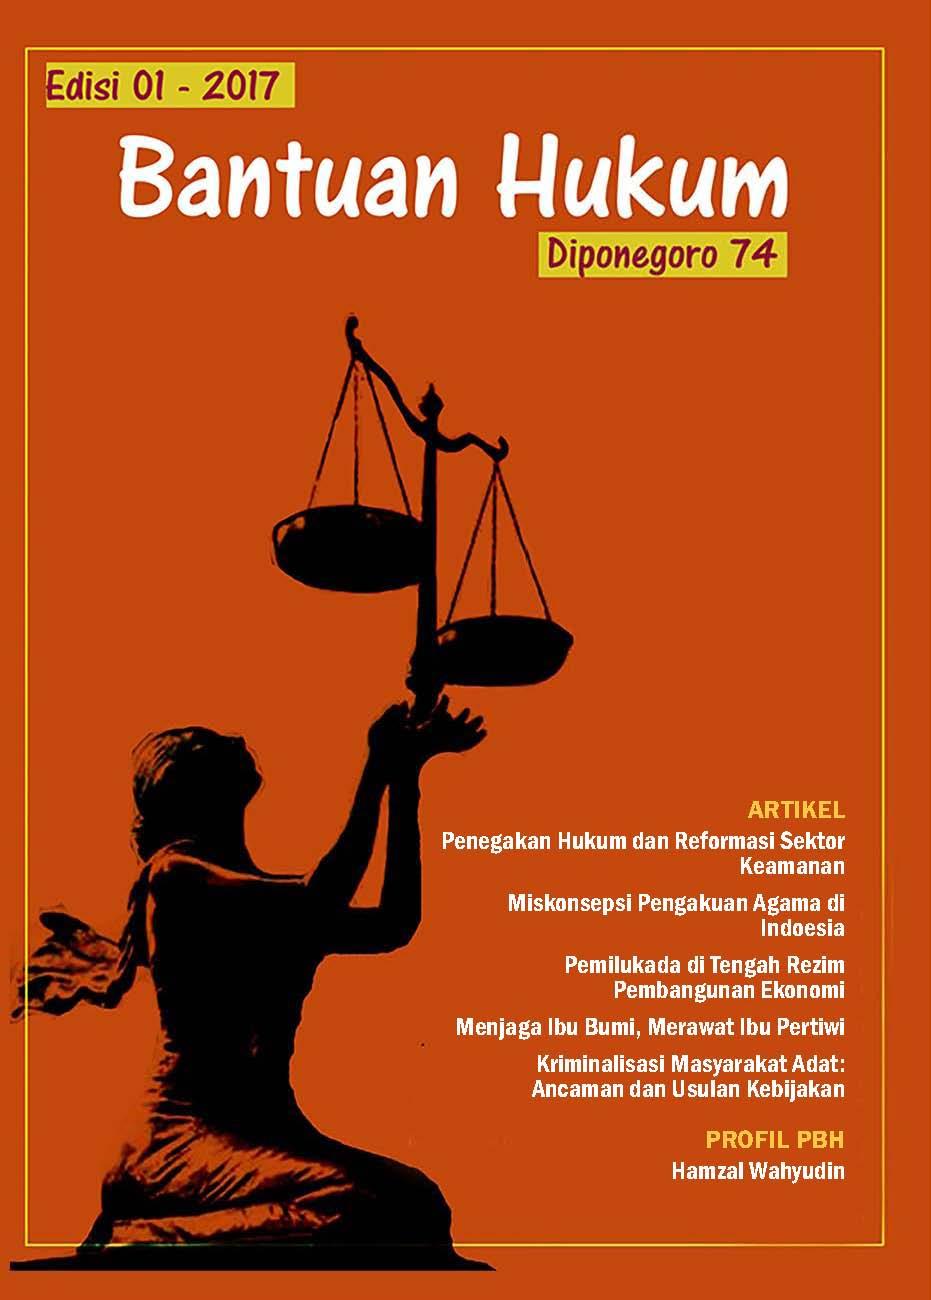 Buletin Bantuan Hukum Edisi 1 - 2018